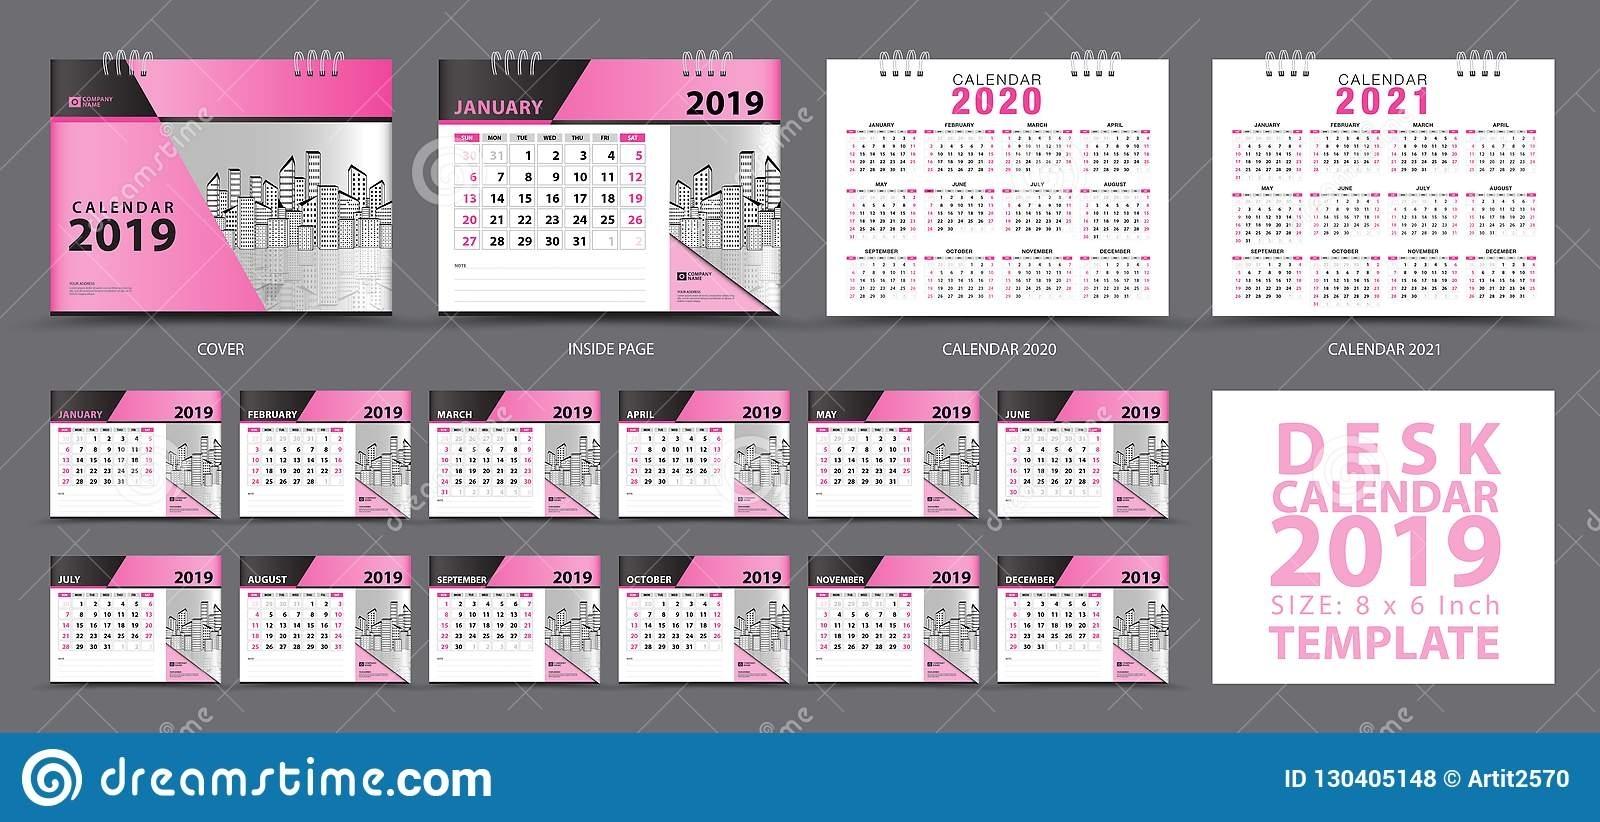 Set Desk Calendar 2019 Template, Set Of 12 Months, Calendar